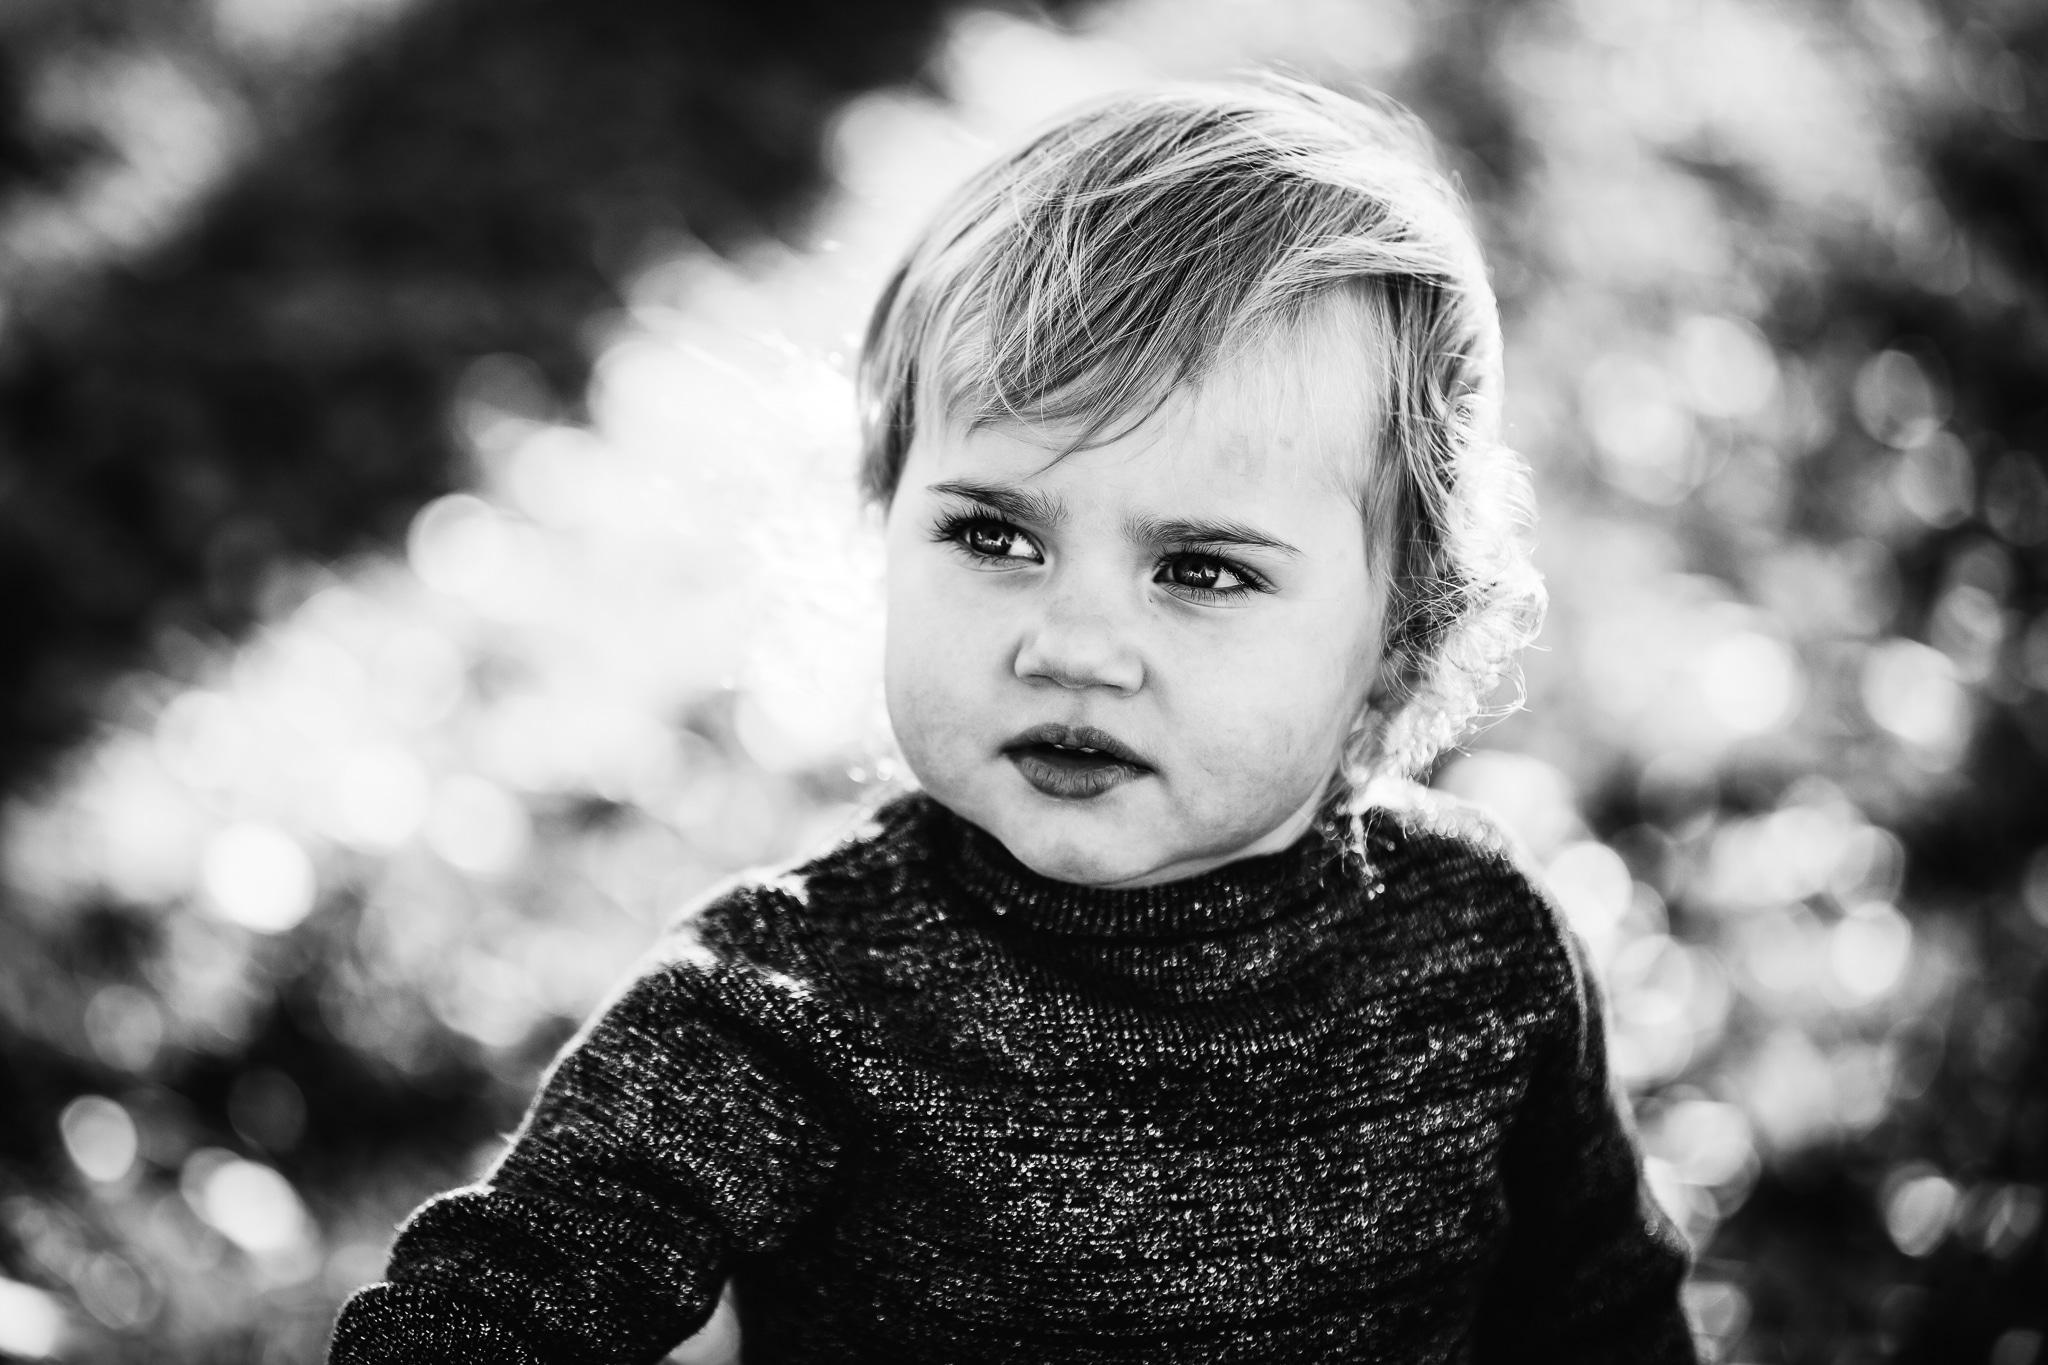 Alina-Joy-Photography-Cold-Lake-Lifestyle-Photographer-5.jpg